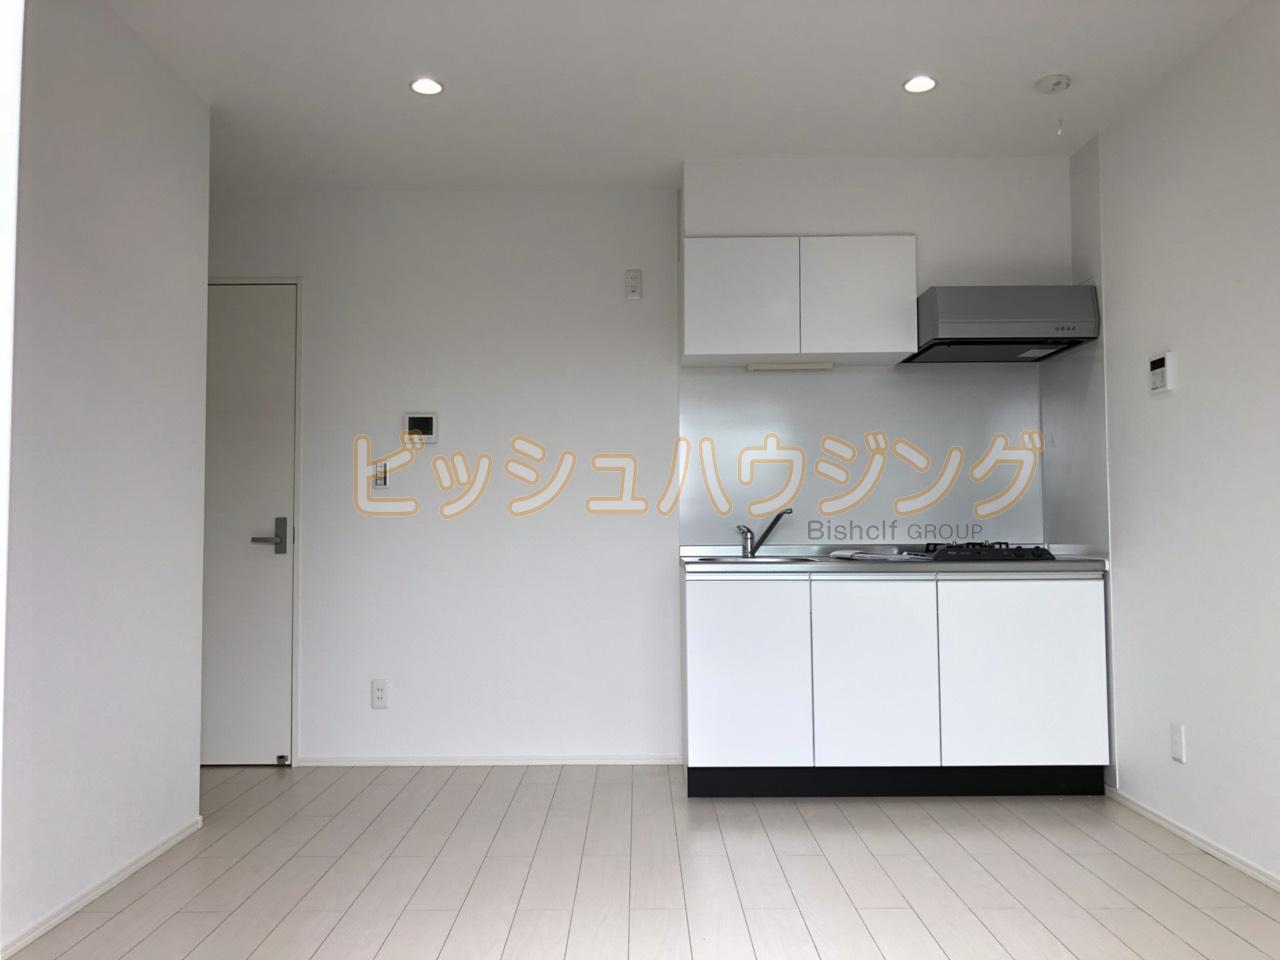 【生野区】新築1LDKマンション☆カップル向きのお部屋!